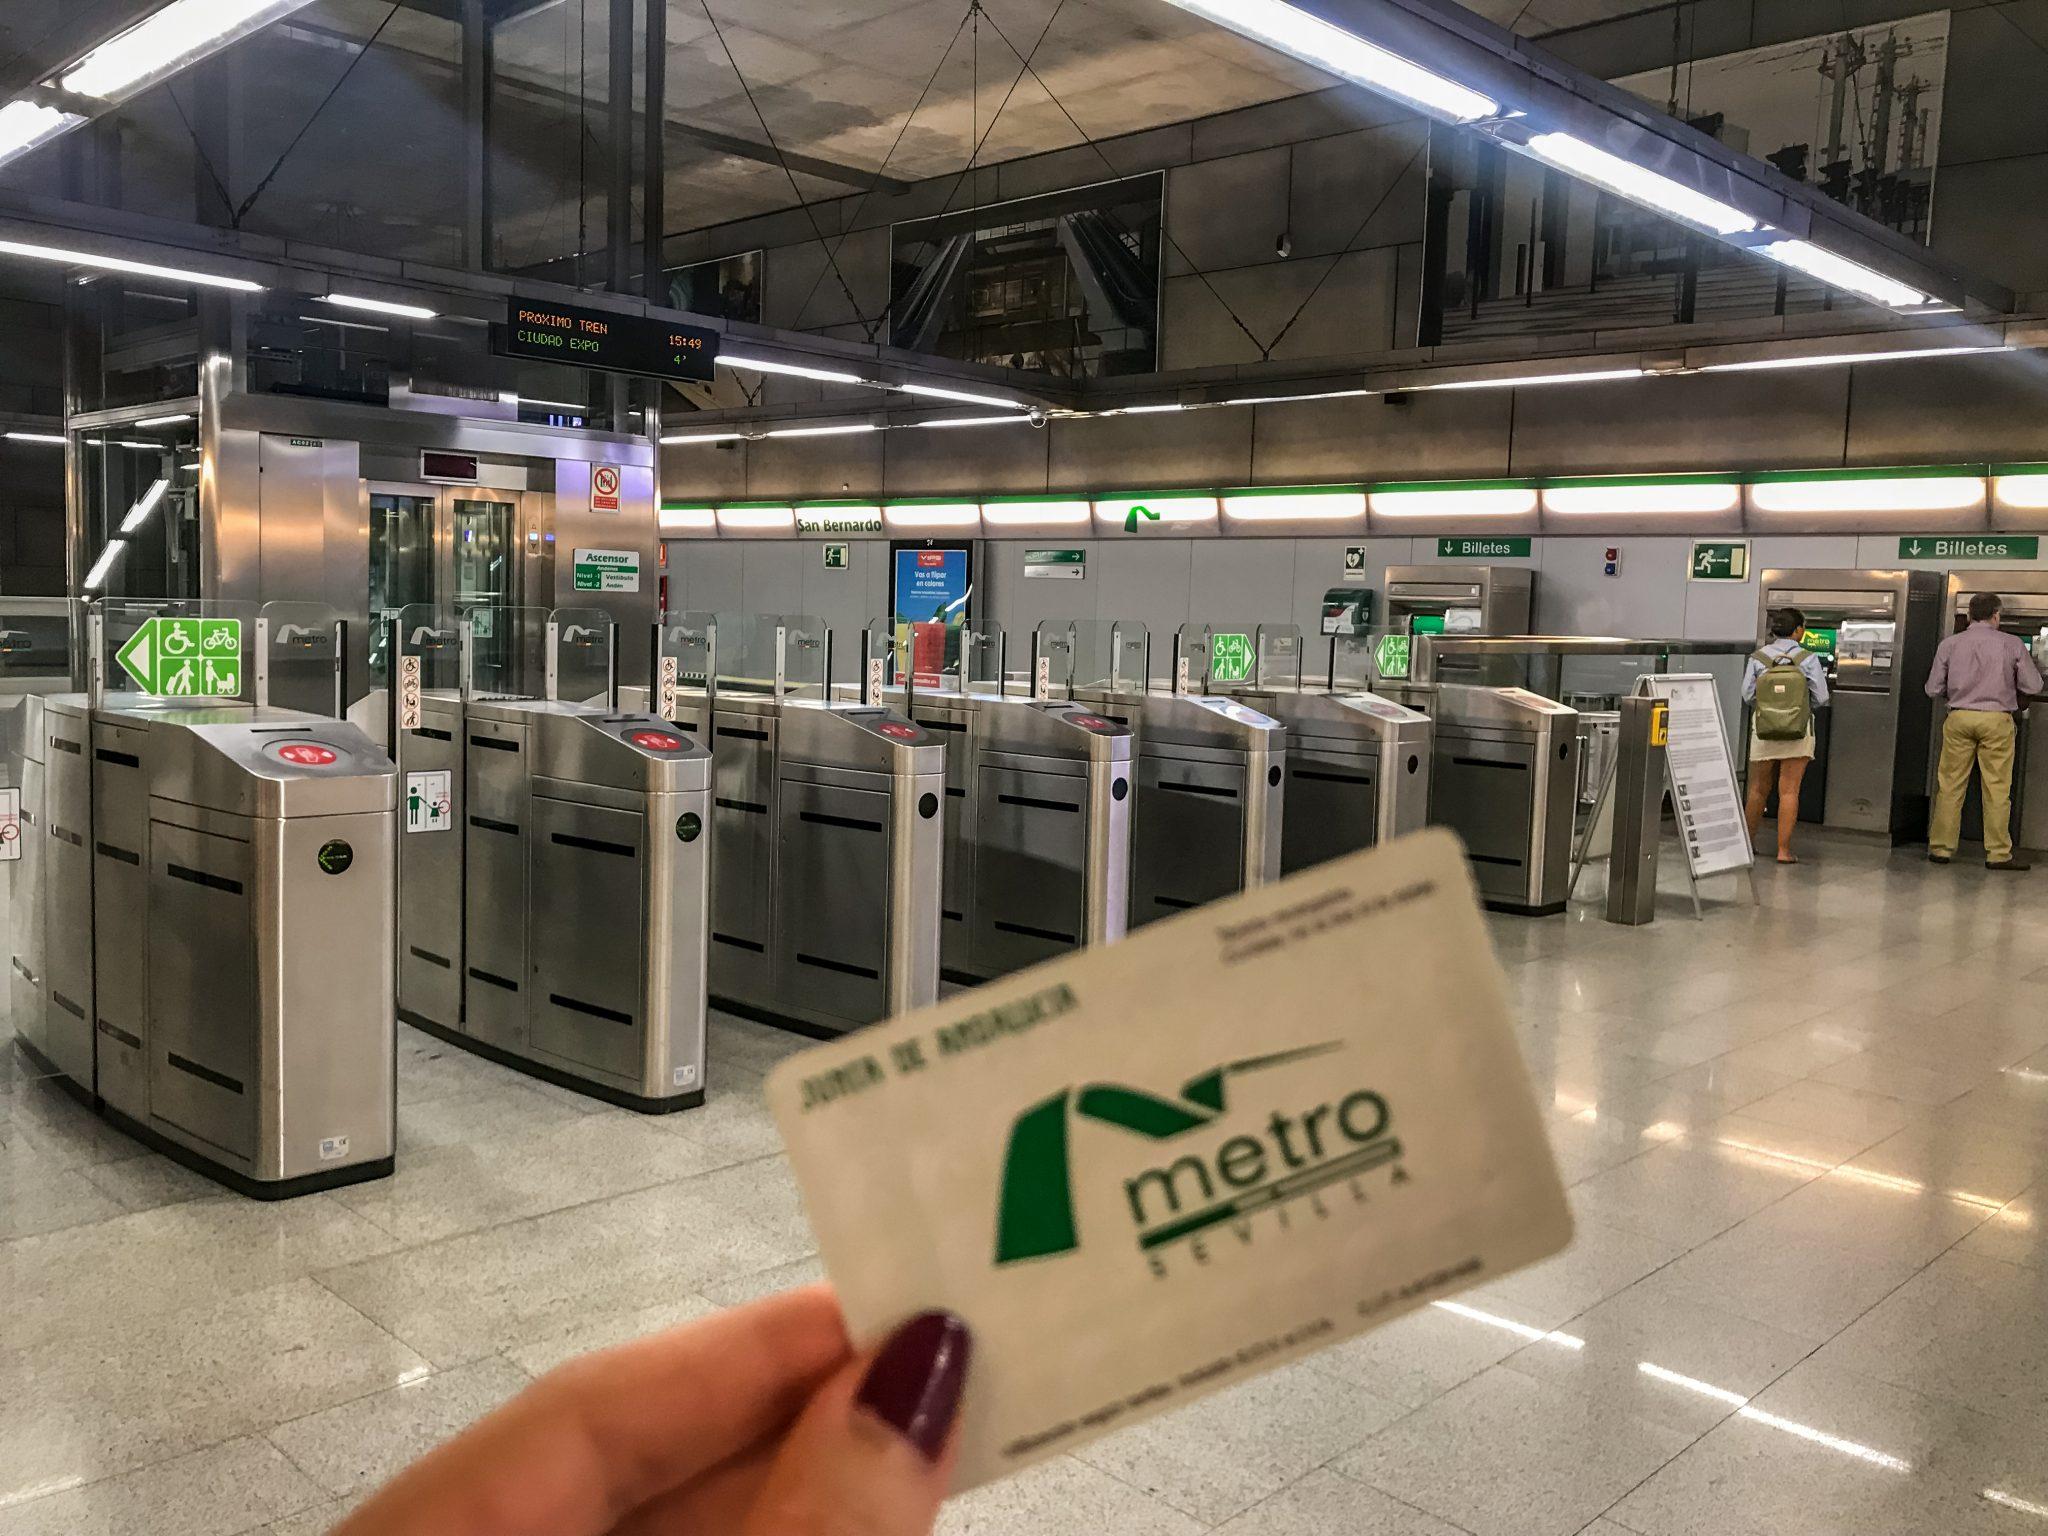 Das Einzelticket für die Metro kostet dich 1,35 € für eine Zone, 1,60 € für zwei Zonen und 1,80 € für drei Zonen.